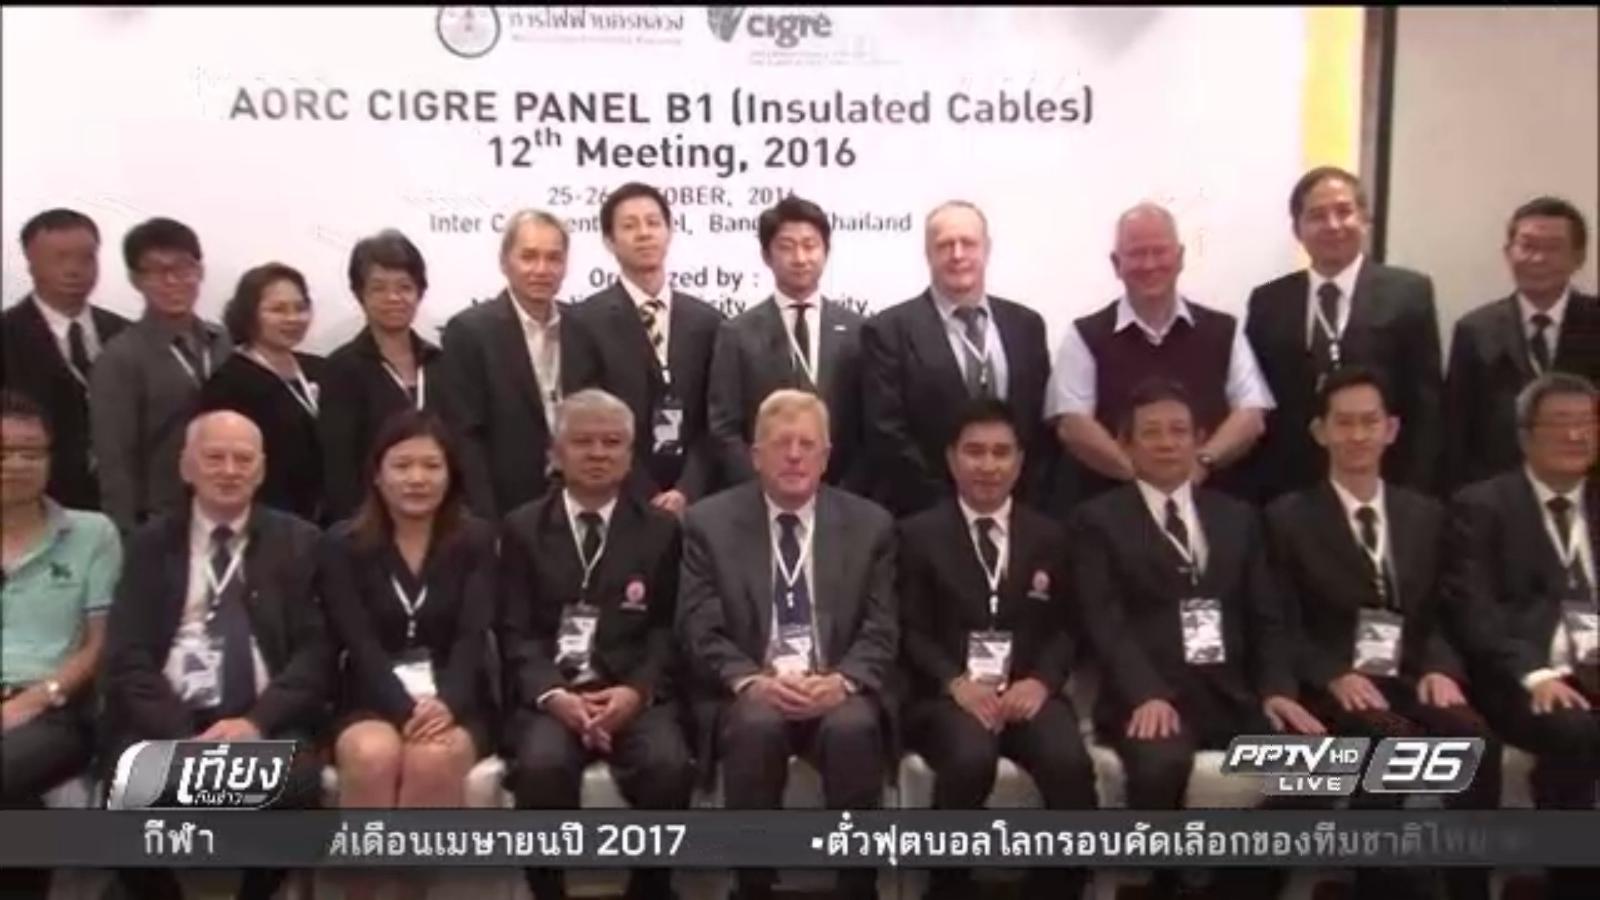 การไฟฟ้านครหลวง จัดประชุมสายไฟฟ้าใต้ดินภูมิภาคเอเชีย-โอเชียเนีย